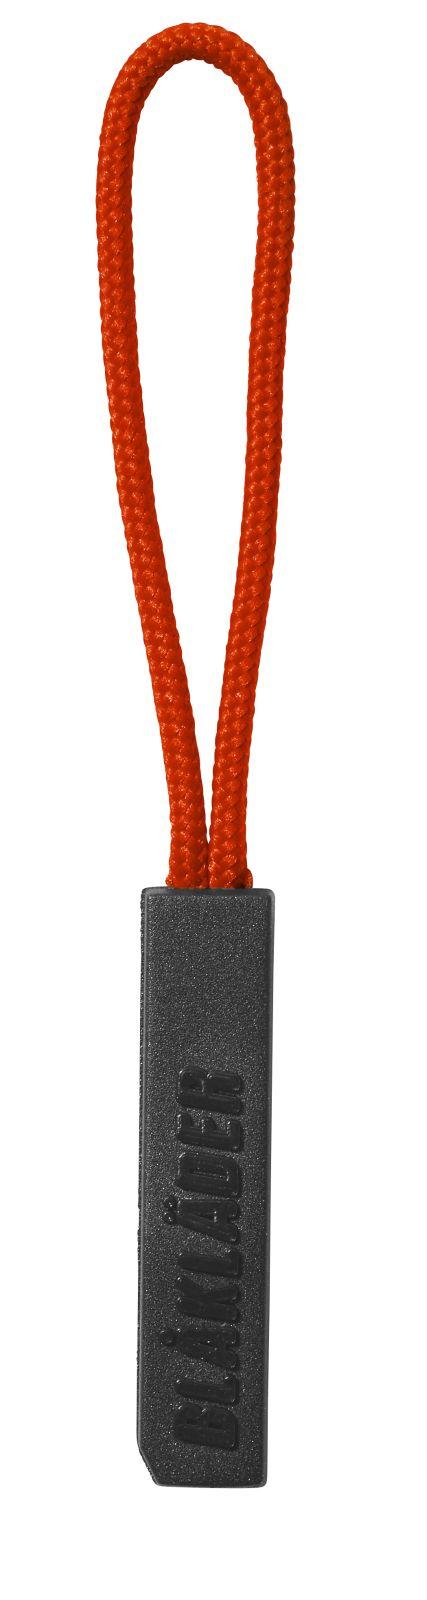 Blaklader Rits puller 21550000 fluor rood(5500)